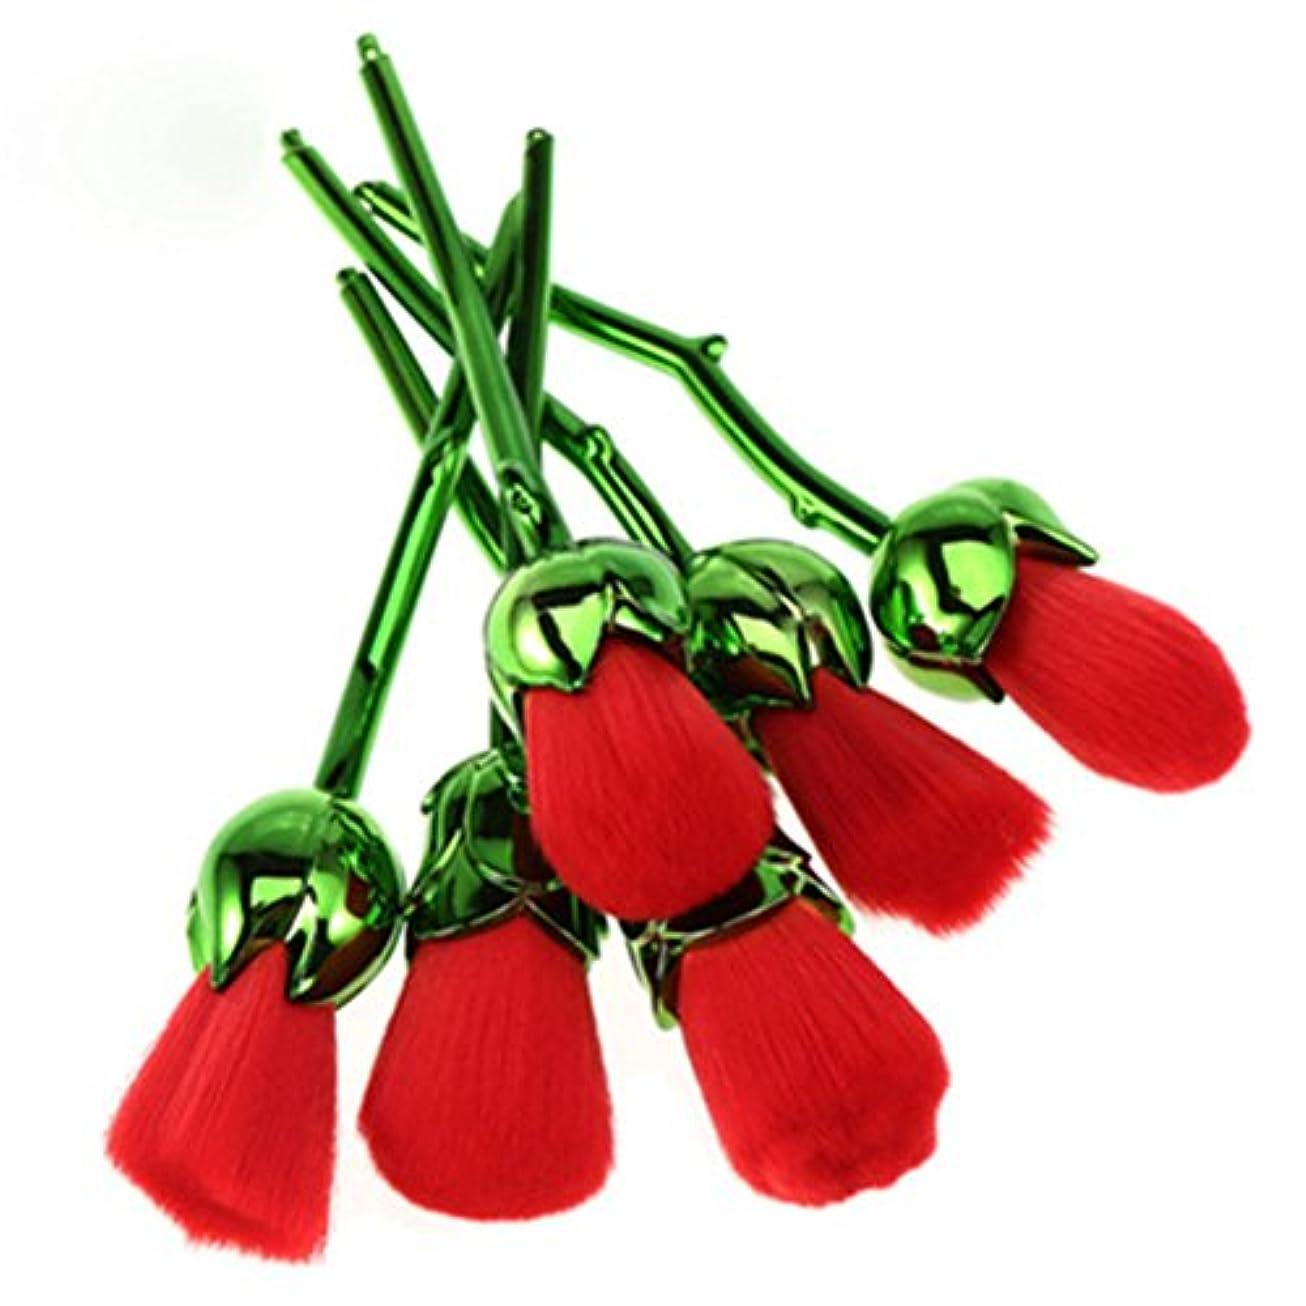 同様に団結するスリットディラビューティー(Dilla Beauty) メイクブラシ 薔薇 メイクブラシセット 人気 ファンデーションブラシ 化粧筆 可愛い 化粧ブラシ セット パウダーブラシ フェイスブラシ ローズ メイクブラシ 6本セット ケース付き (グリーン - レッド)